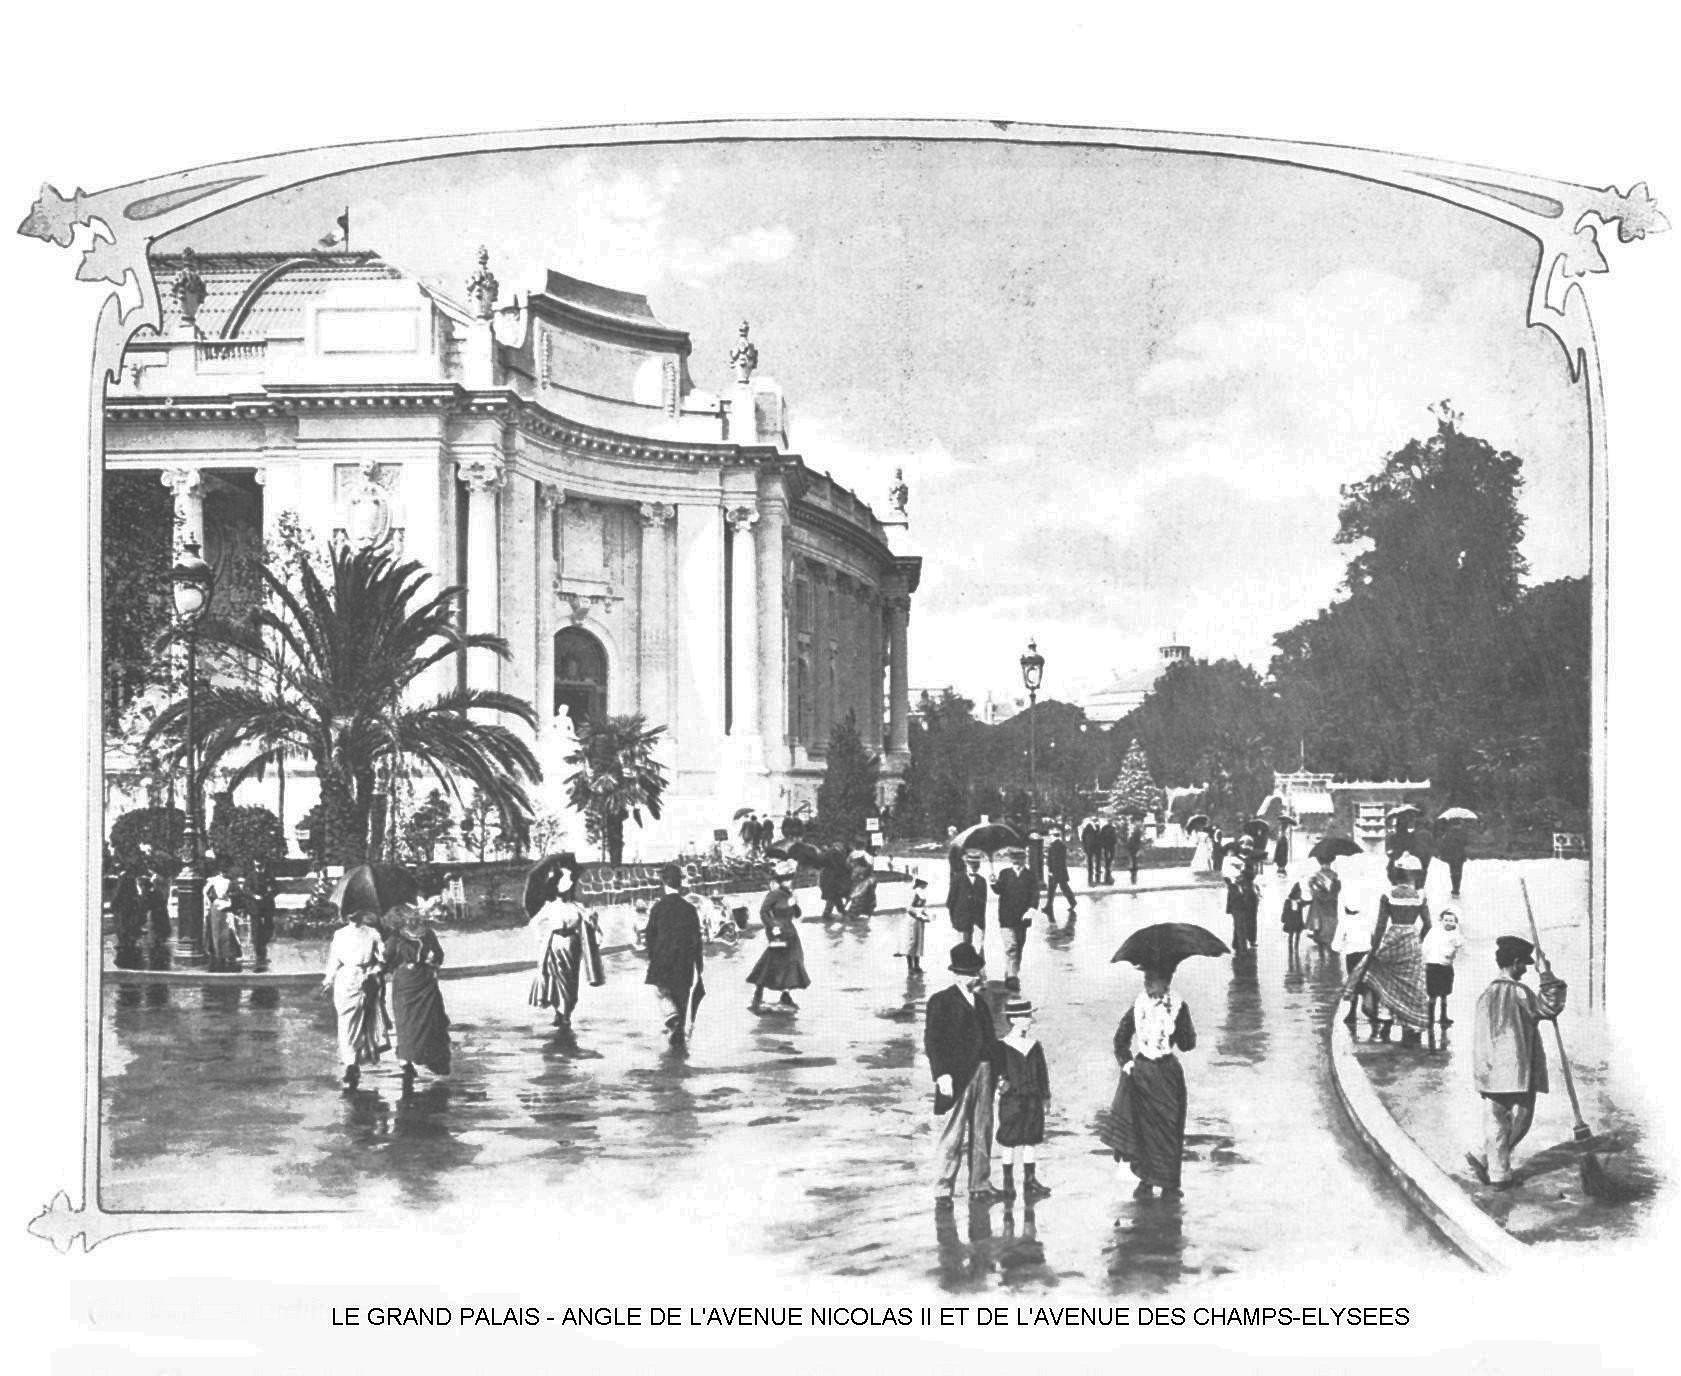 Ressources histoire exposition universelle 1900 le grand palais angle de l avenue nicolas ii et de l avenue des champs elysees